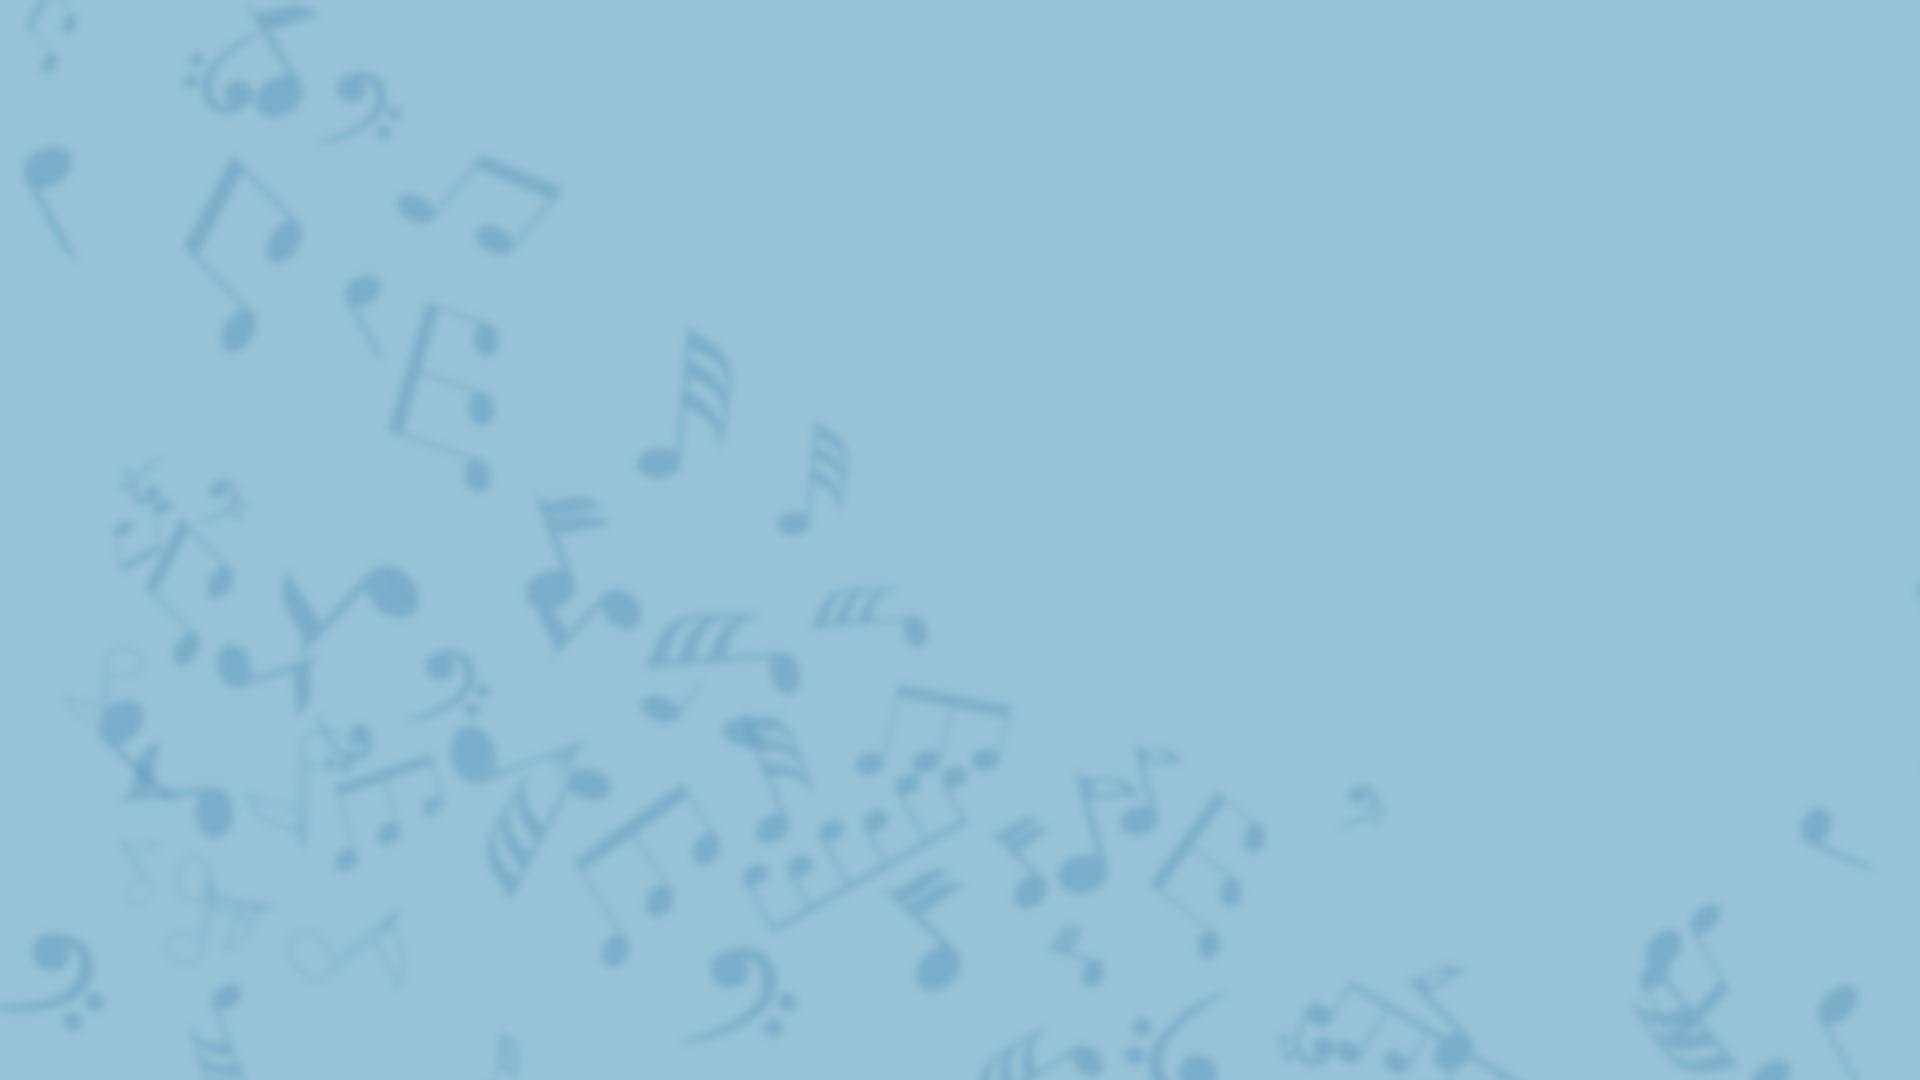 composer-background.jpg